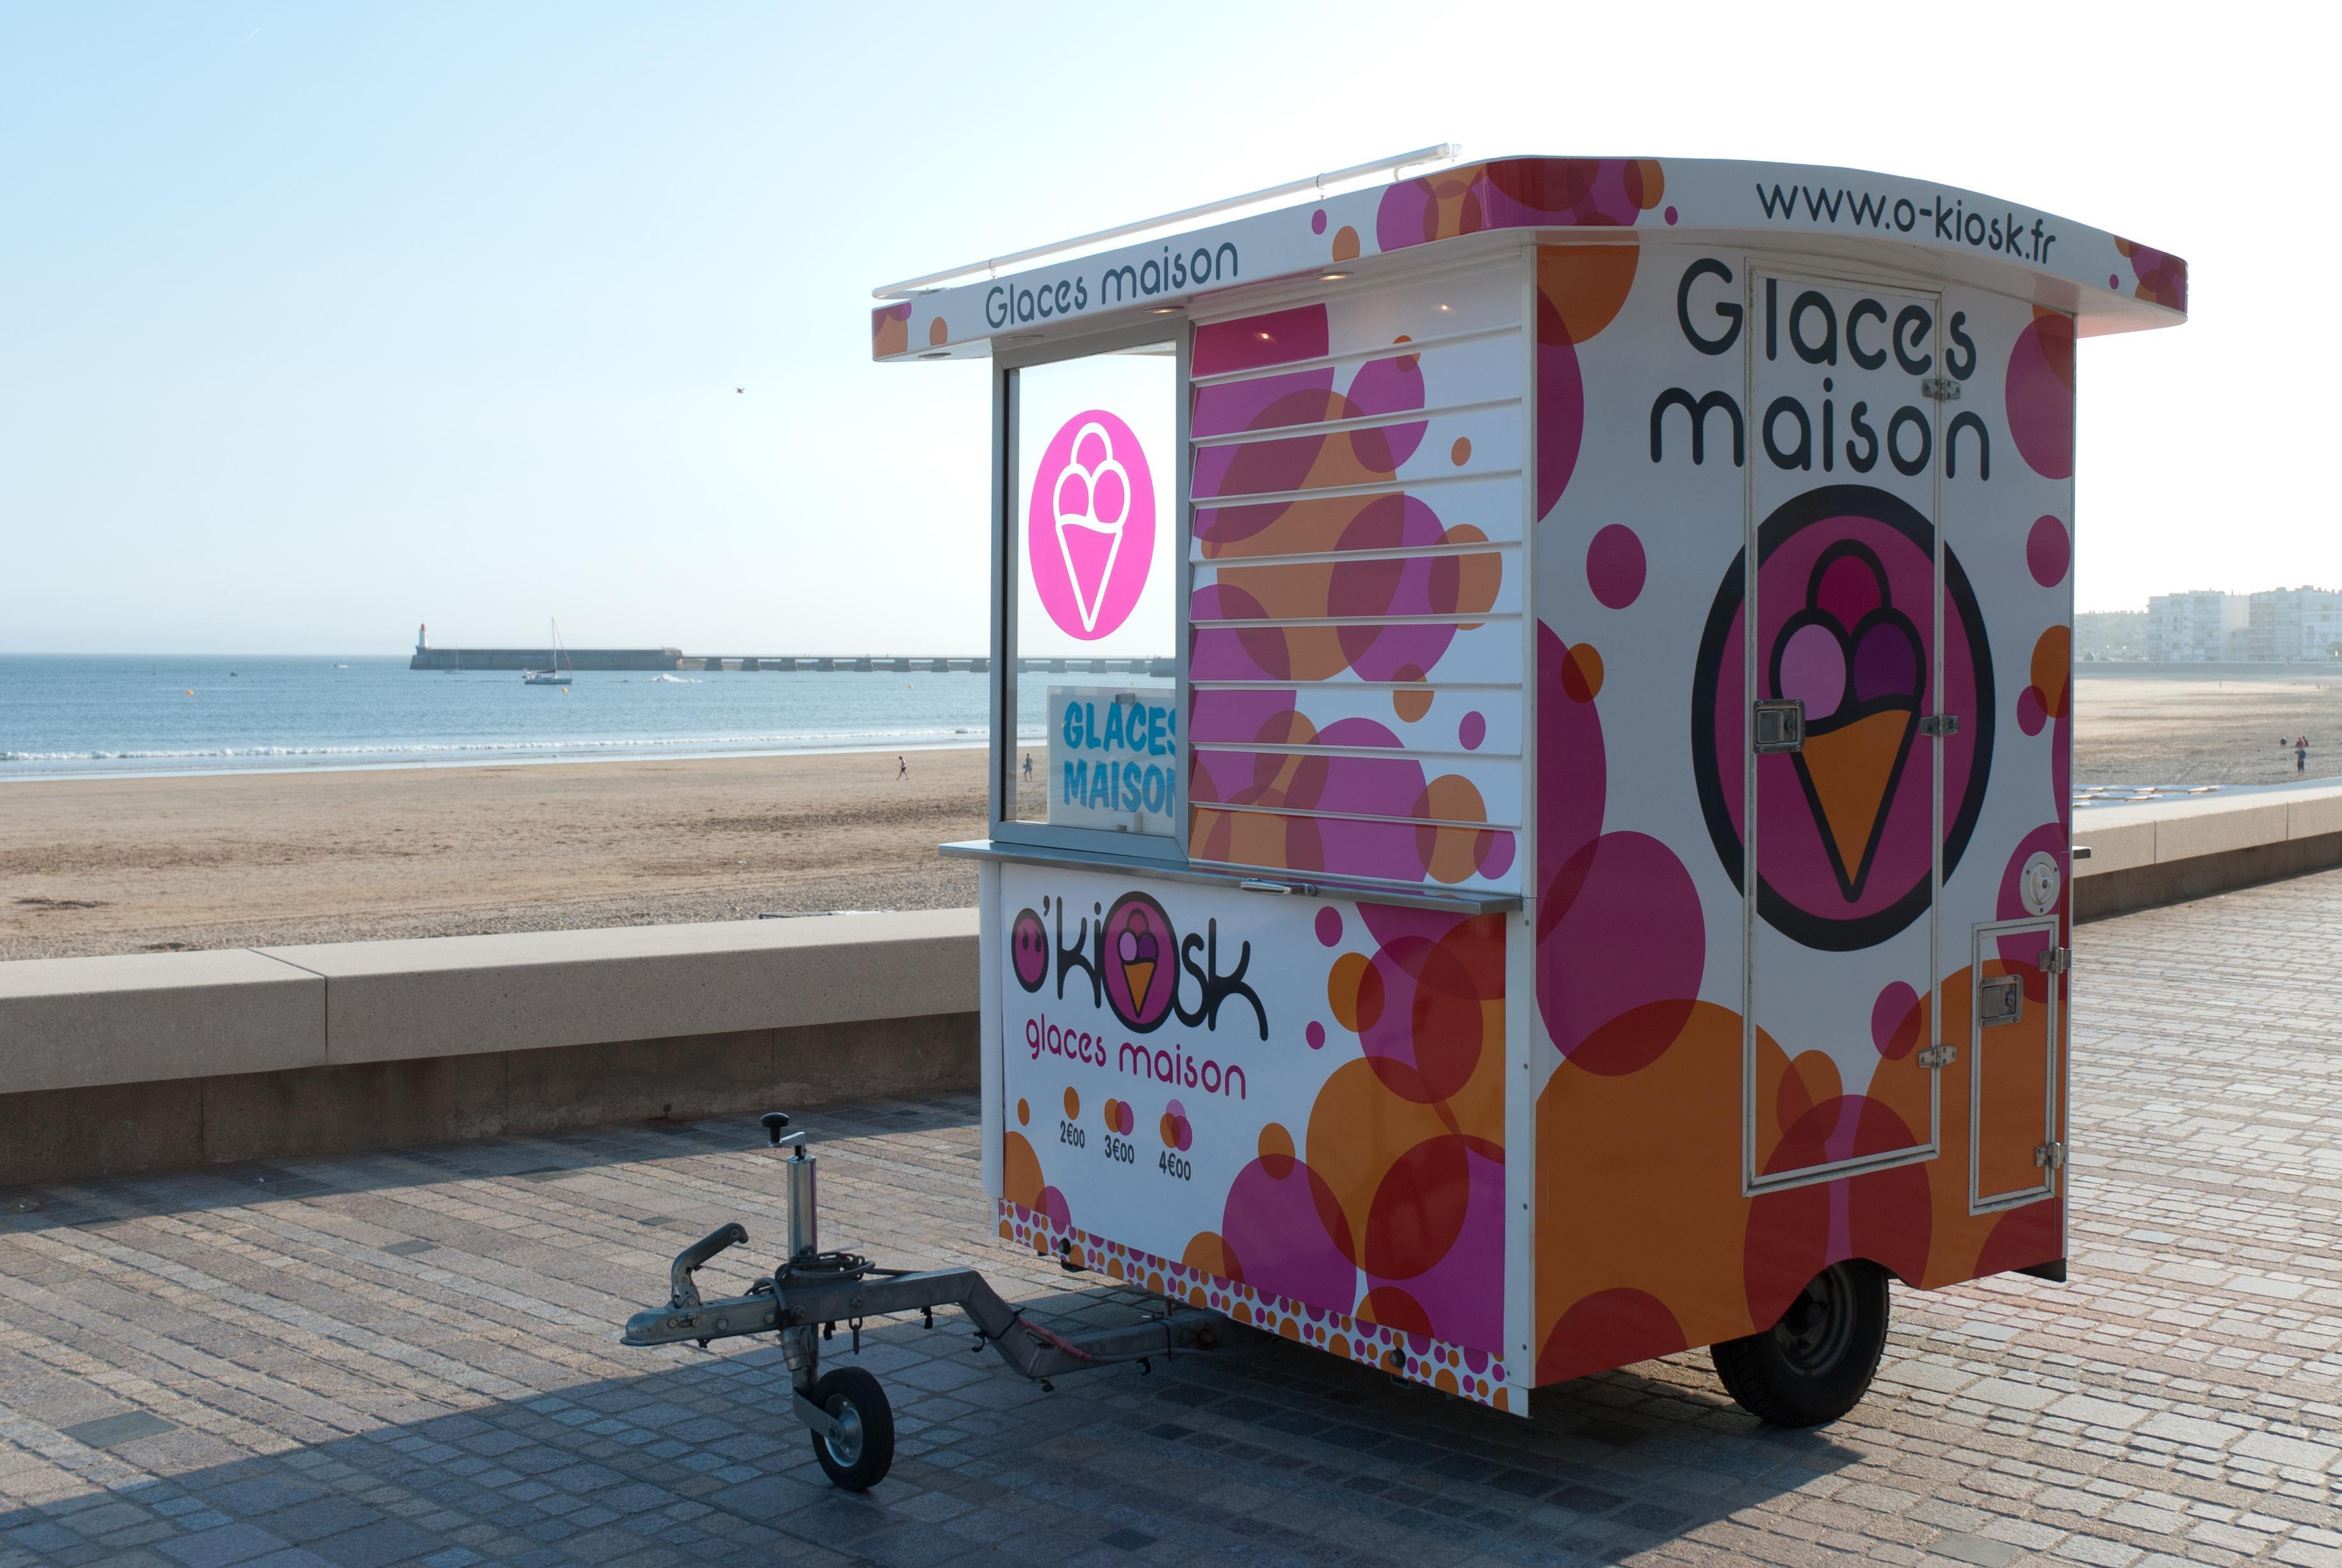 Kiosques de glaces maison aux Sables d'Olonne